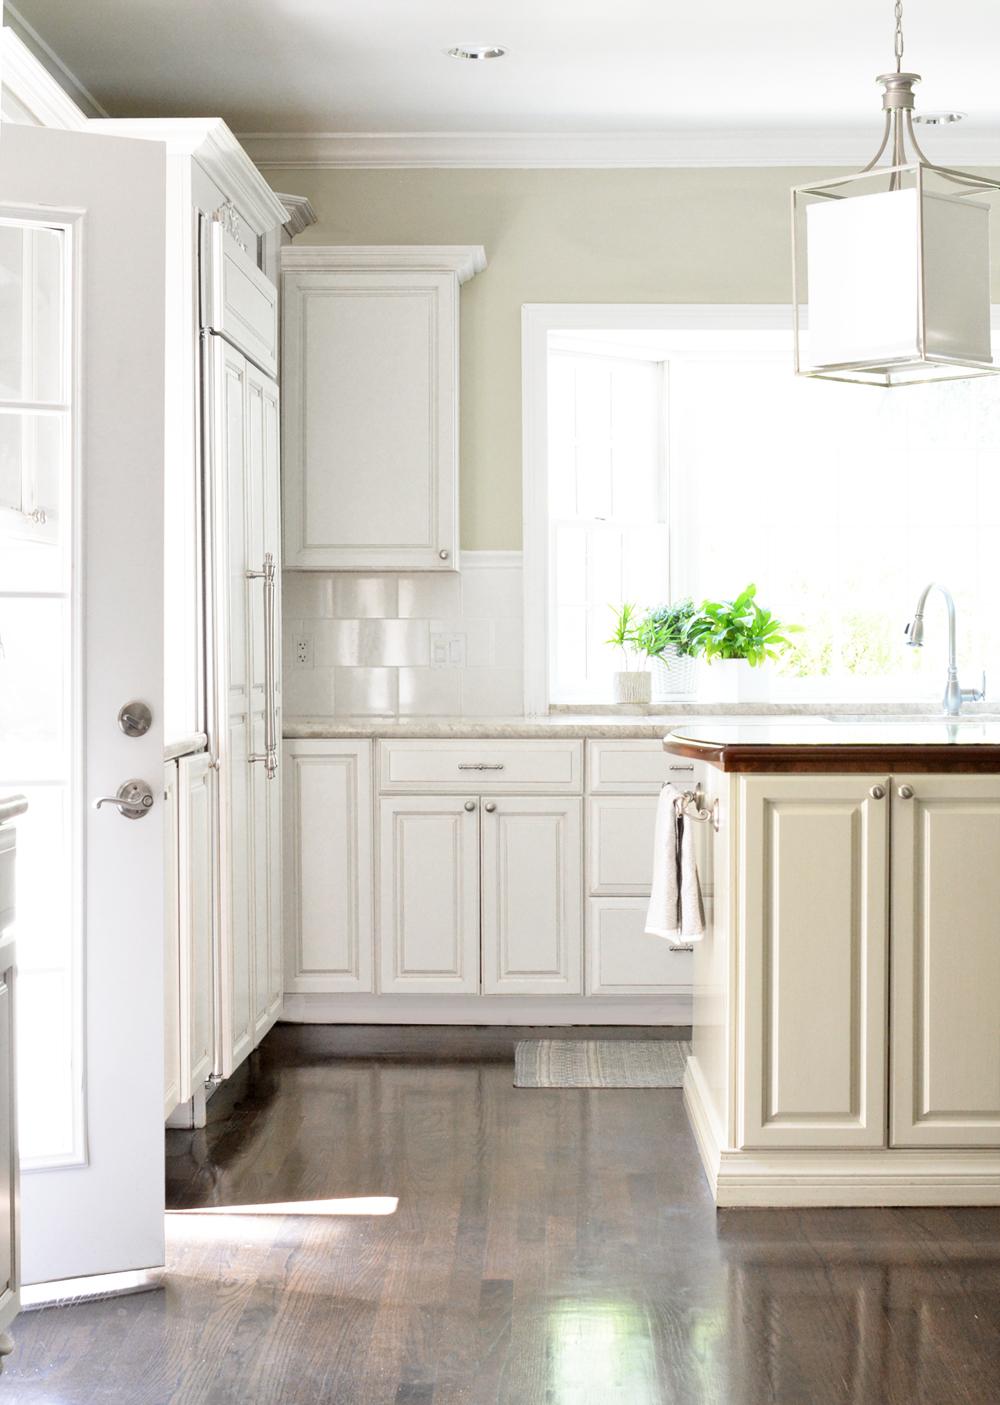 The Impracticality of Hardwood Flooring | Centsational Style